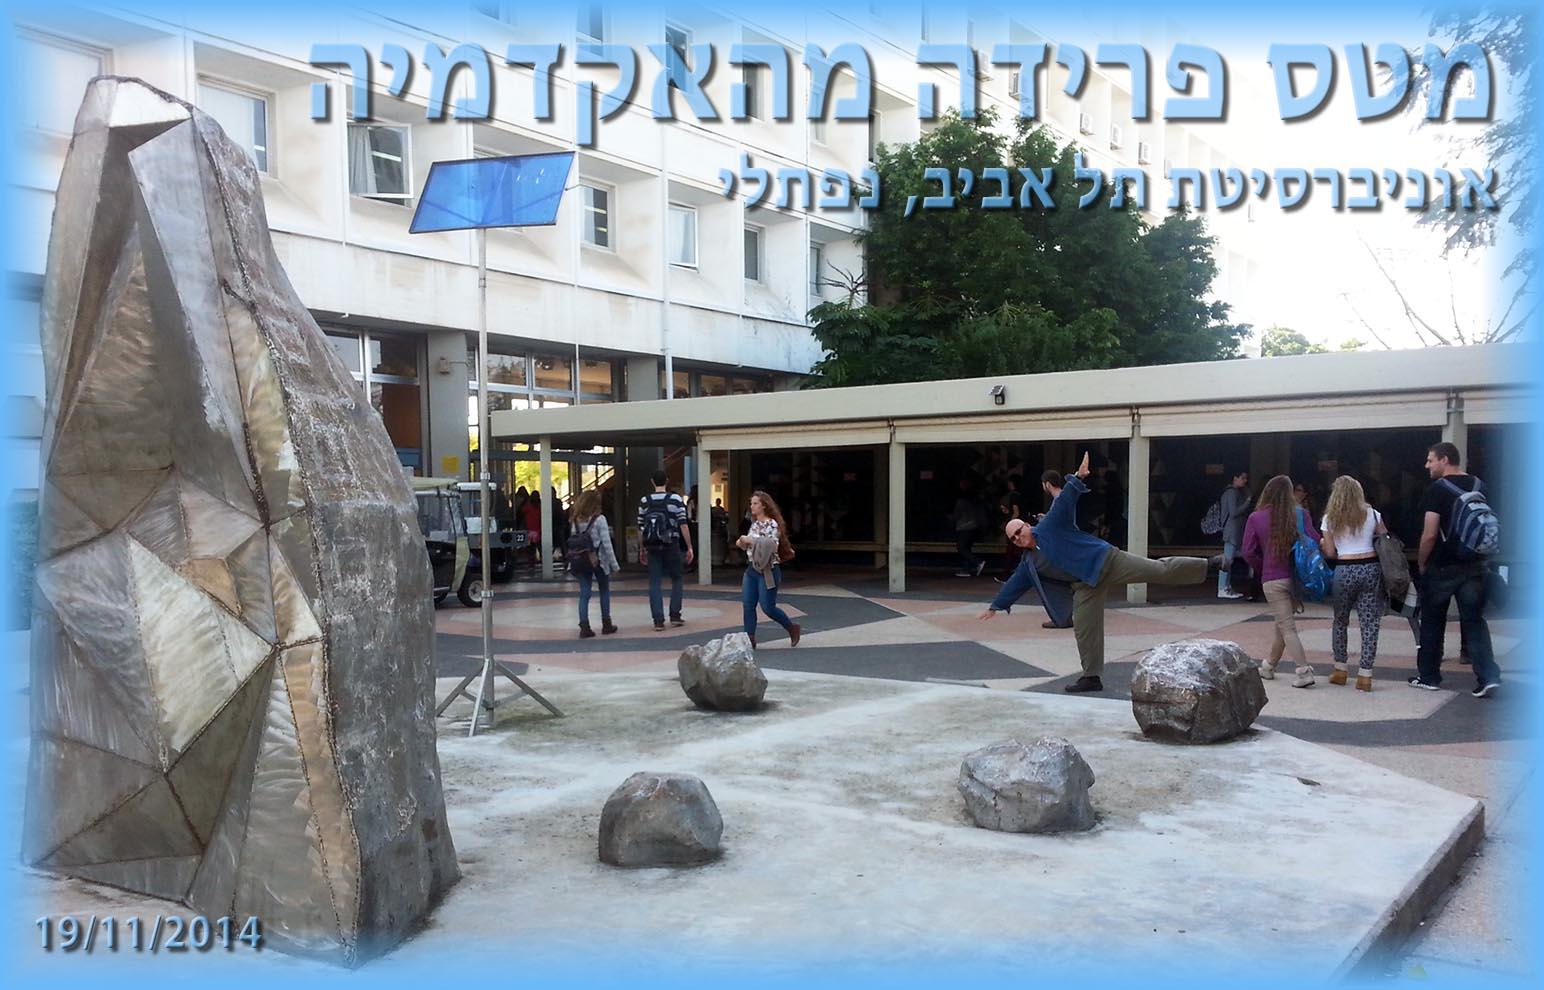 דיקמן אוירון אוניברסיטת תל אביב